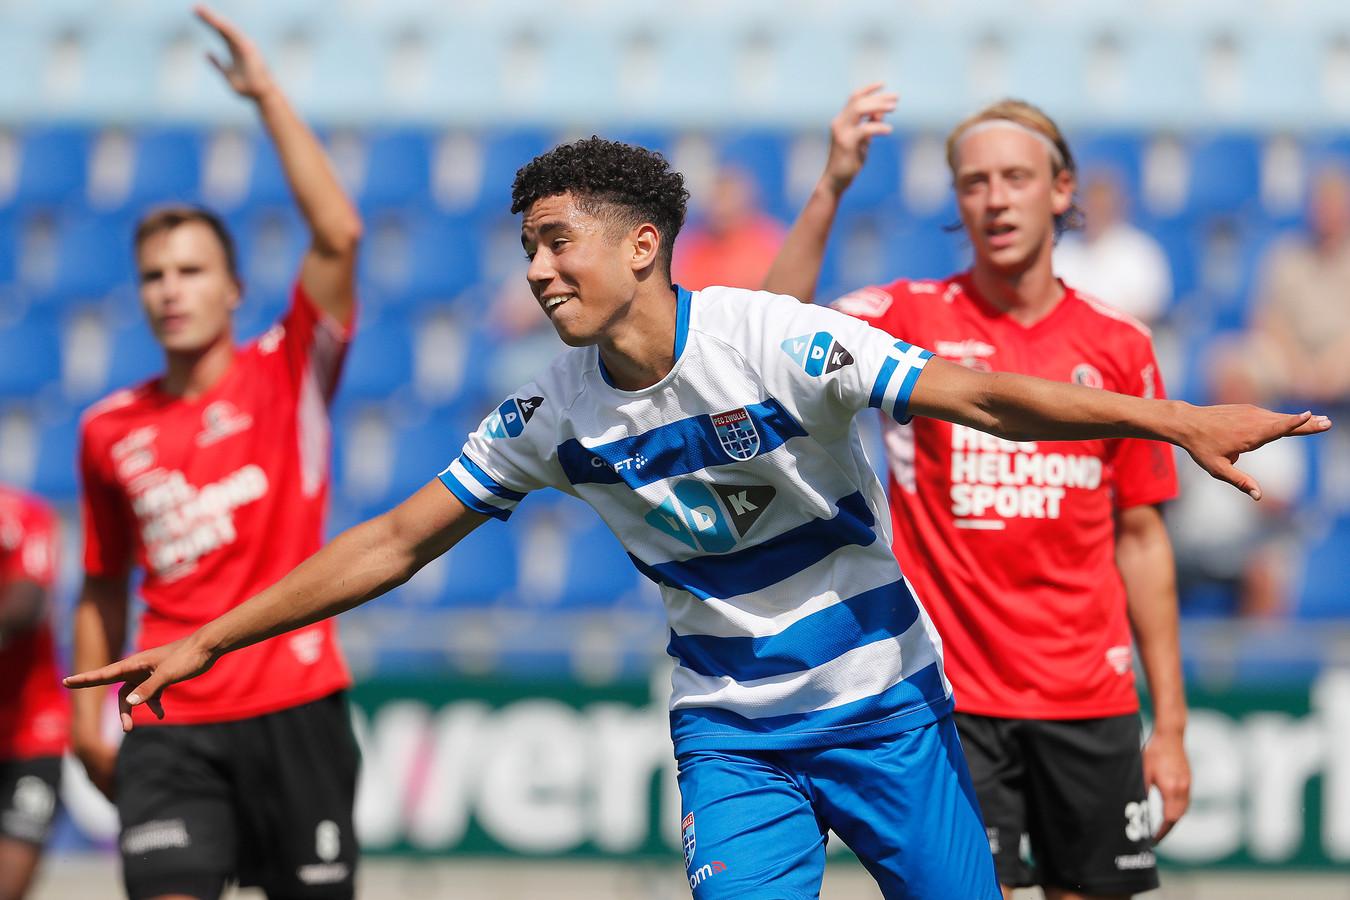 Samir Lagsir zette PEC Zwolle na 35 minuten spelen op voorsprong tegen Helmond Sport.